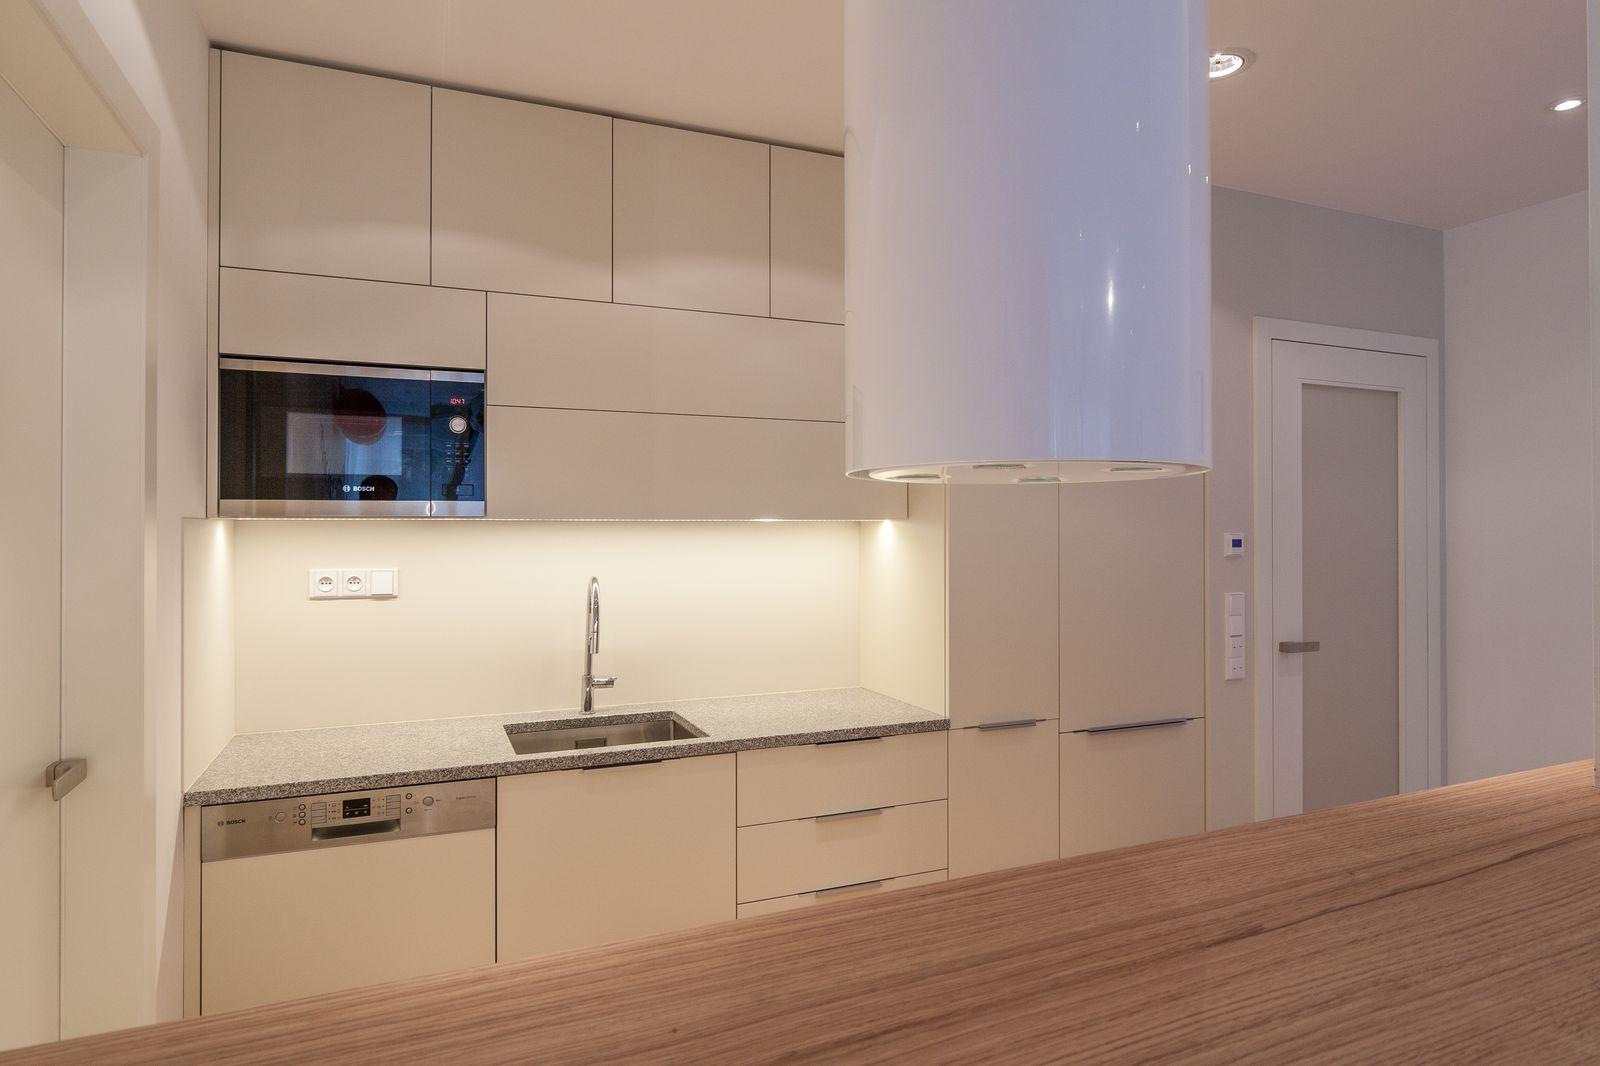 bílá ostrůvková digestoř v kuchyni